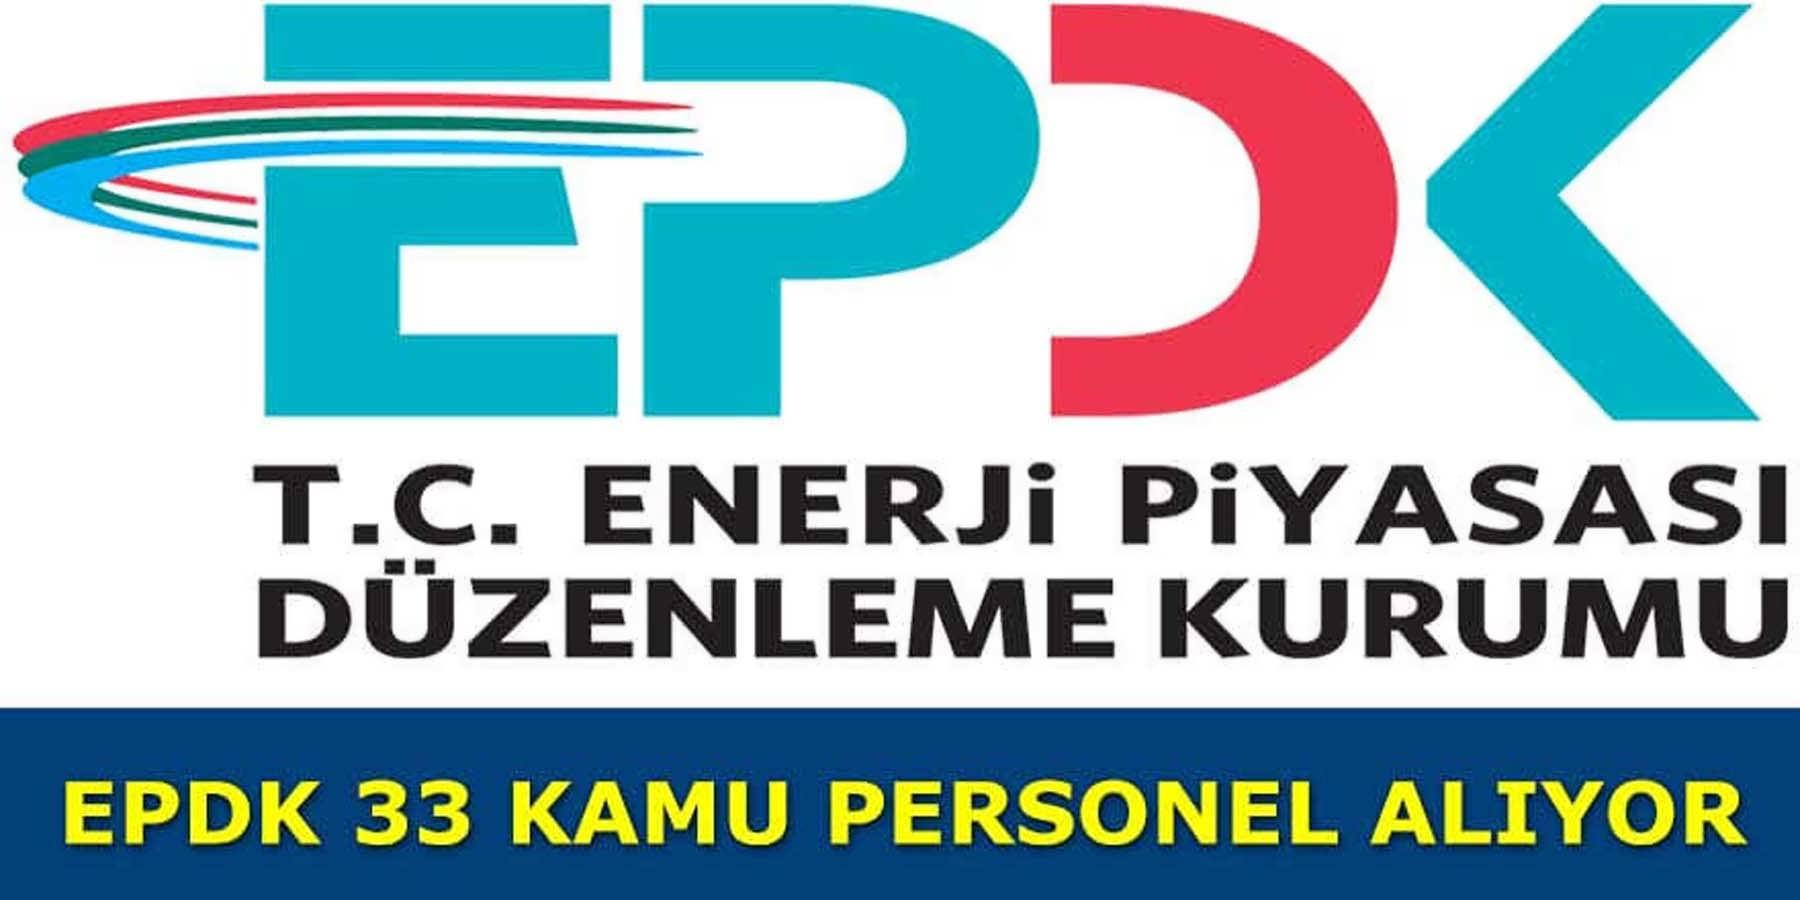 Enerji Piyasası Düzenleme Kurumun 33 Personel Alıyor